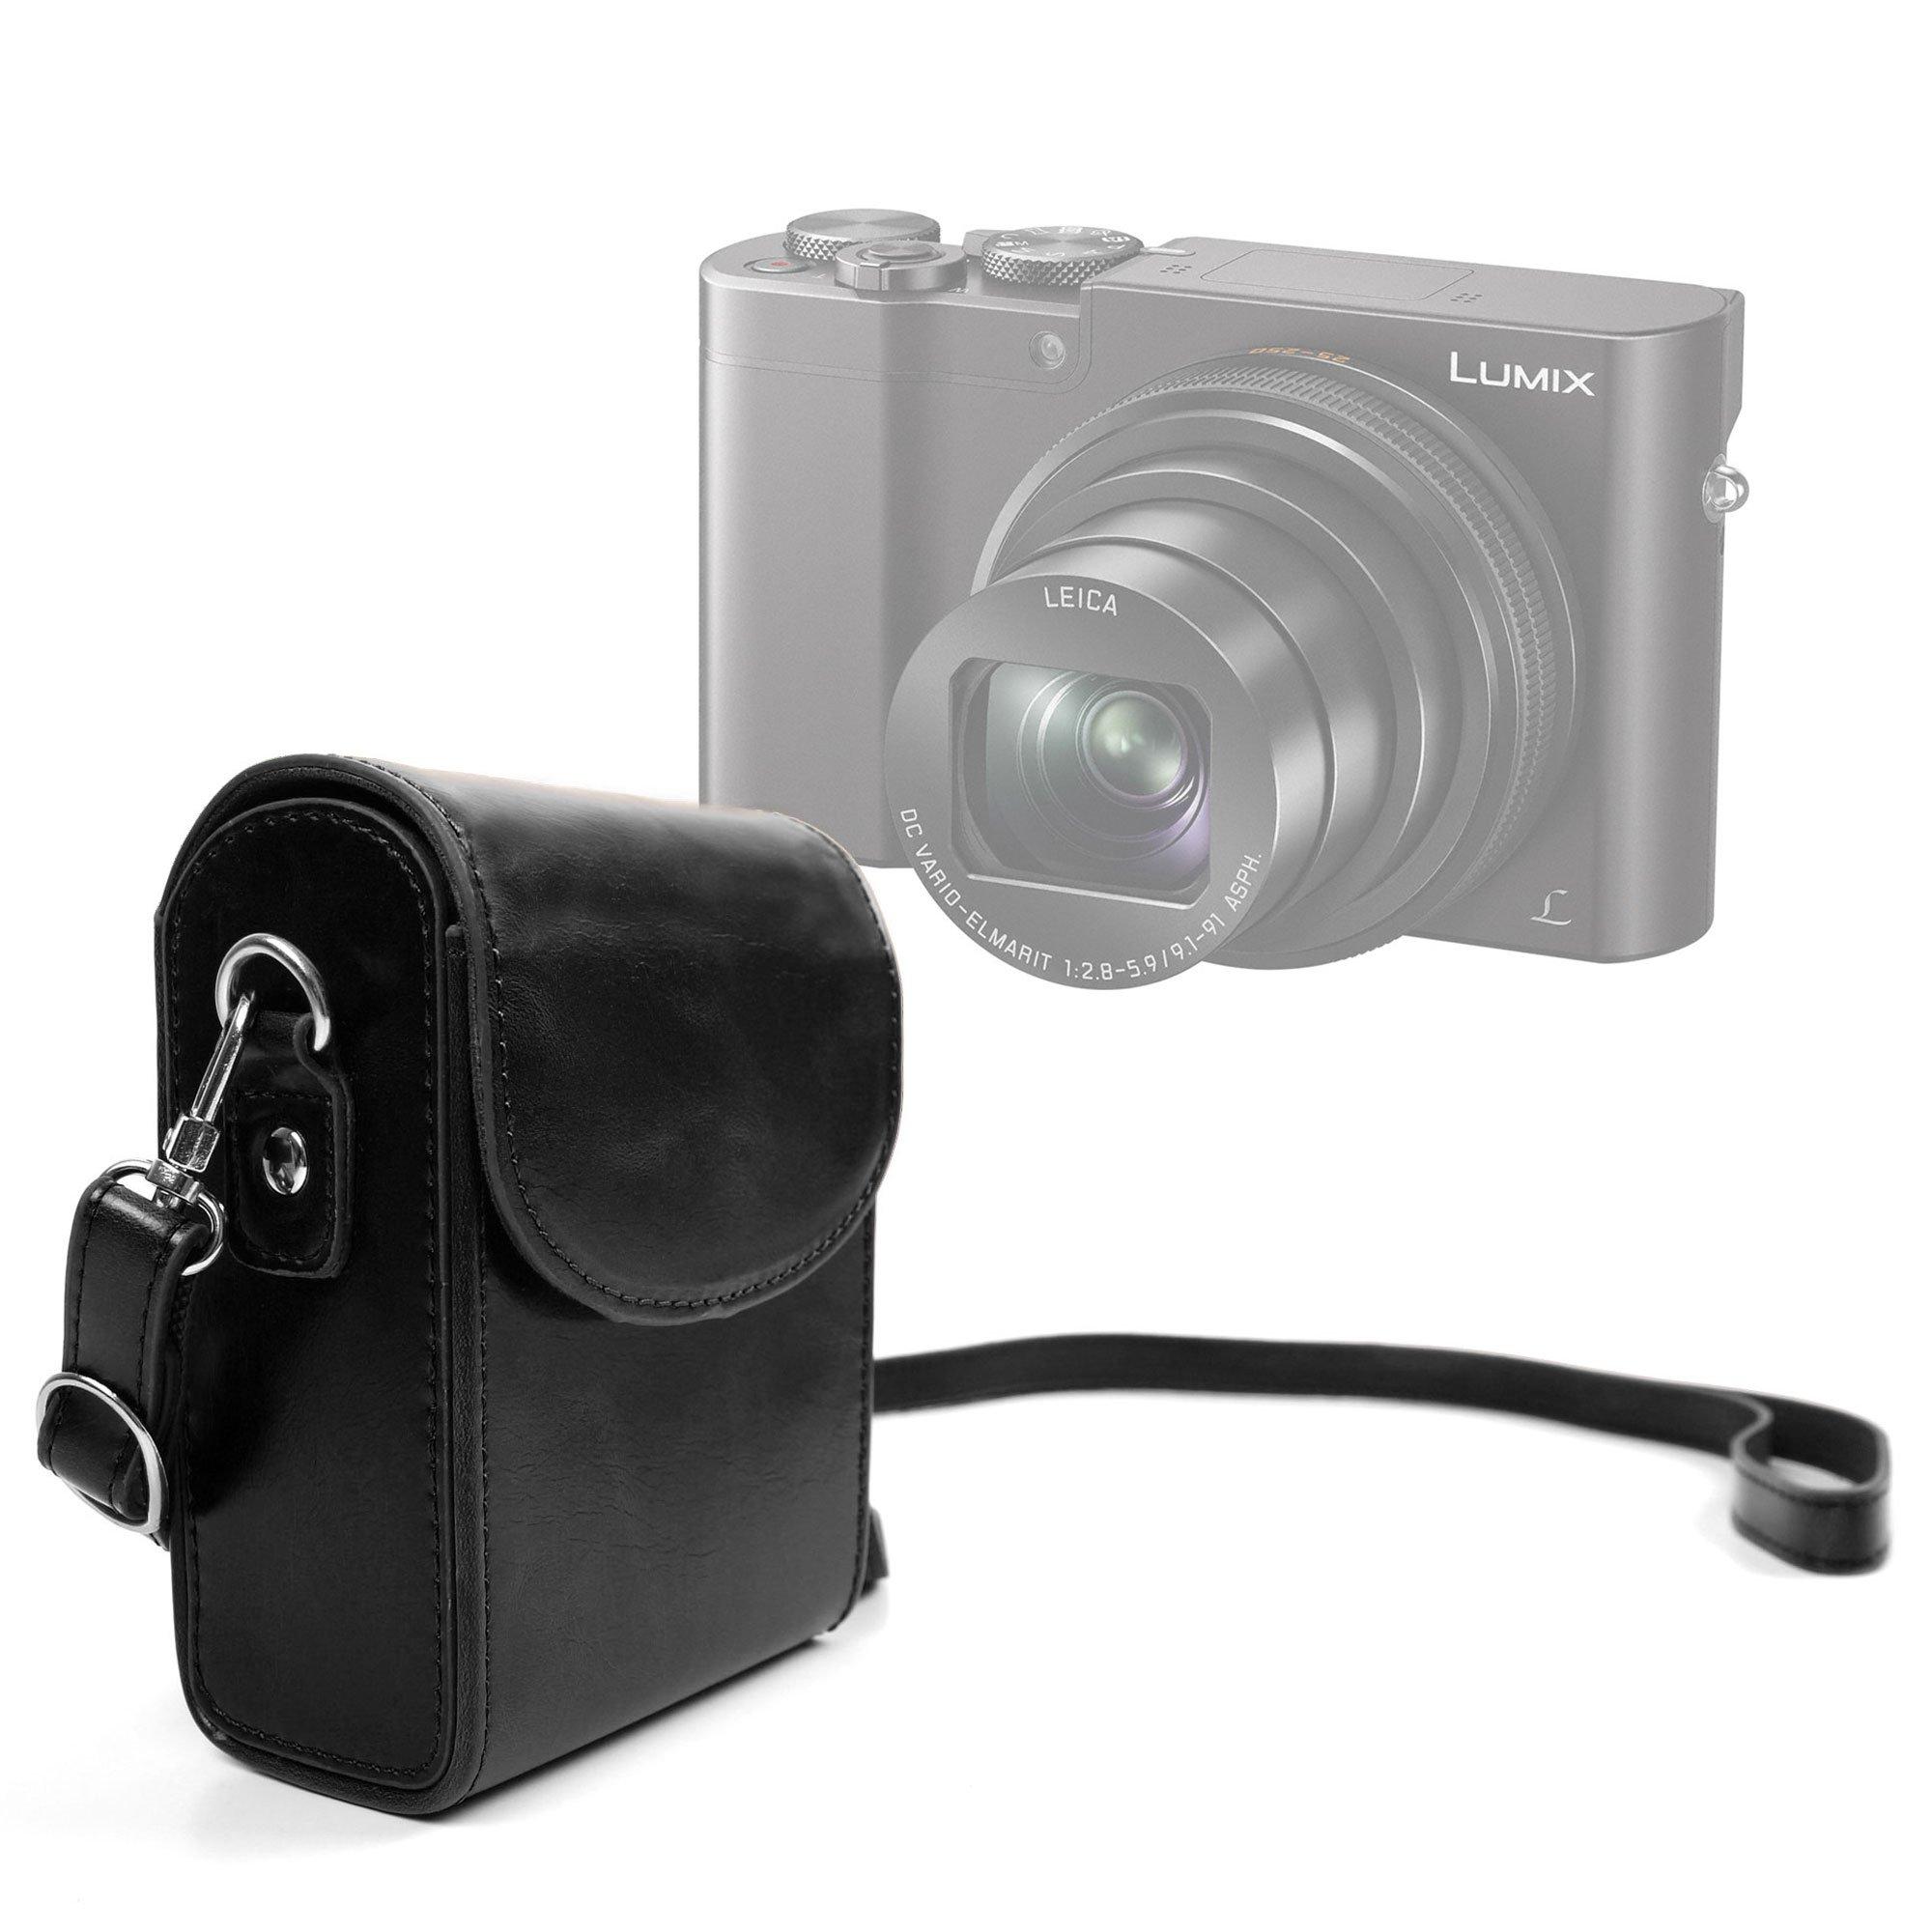 DURAGADGET Durable & Ultra-Portable, Retro-Inspired Compact Camera Case in Classic Black for NEW Panasonic Lumix TZ80 / Lumix TZ100(SZ100) / Lumix DMC-ZS100 / Lumix DMC-ZS60(TZ60)